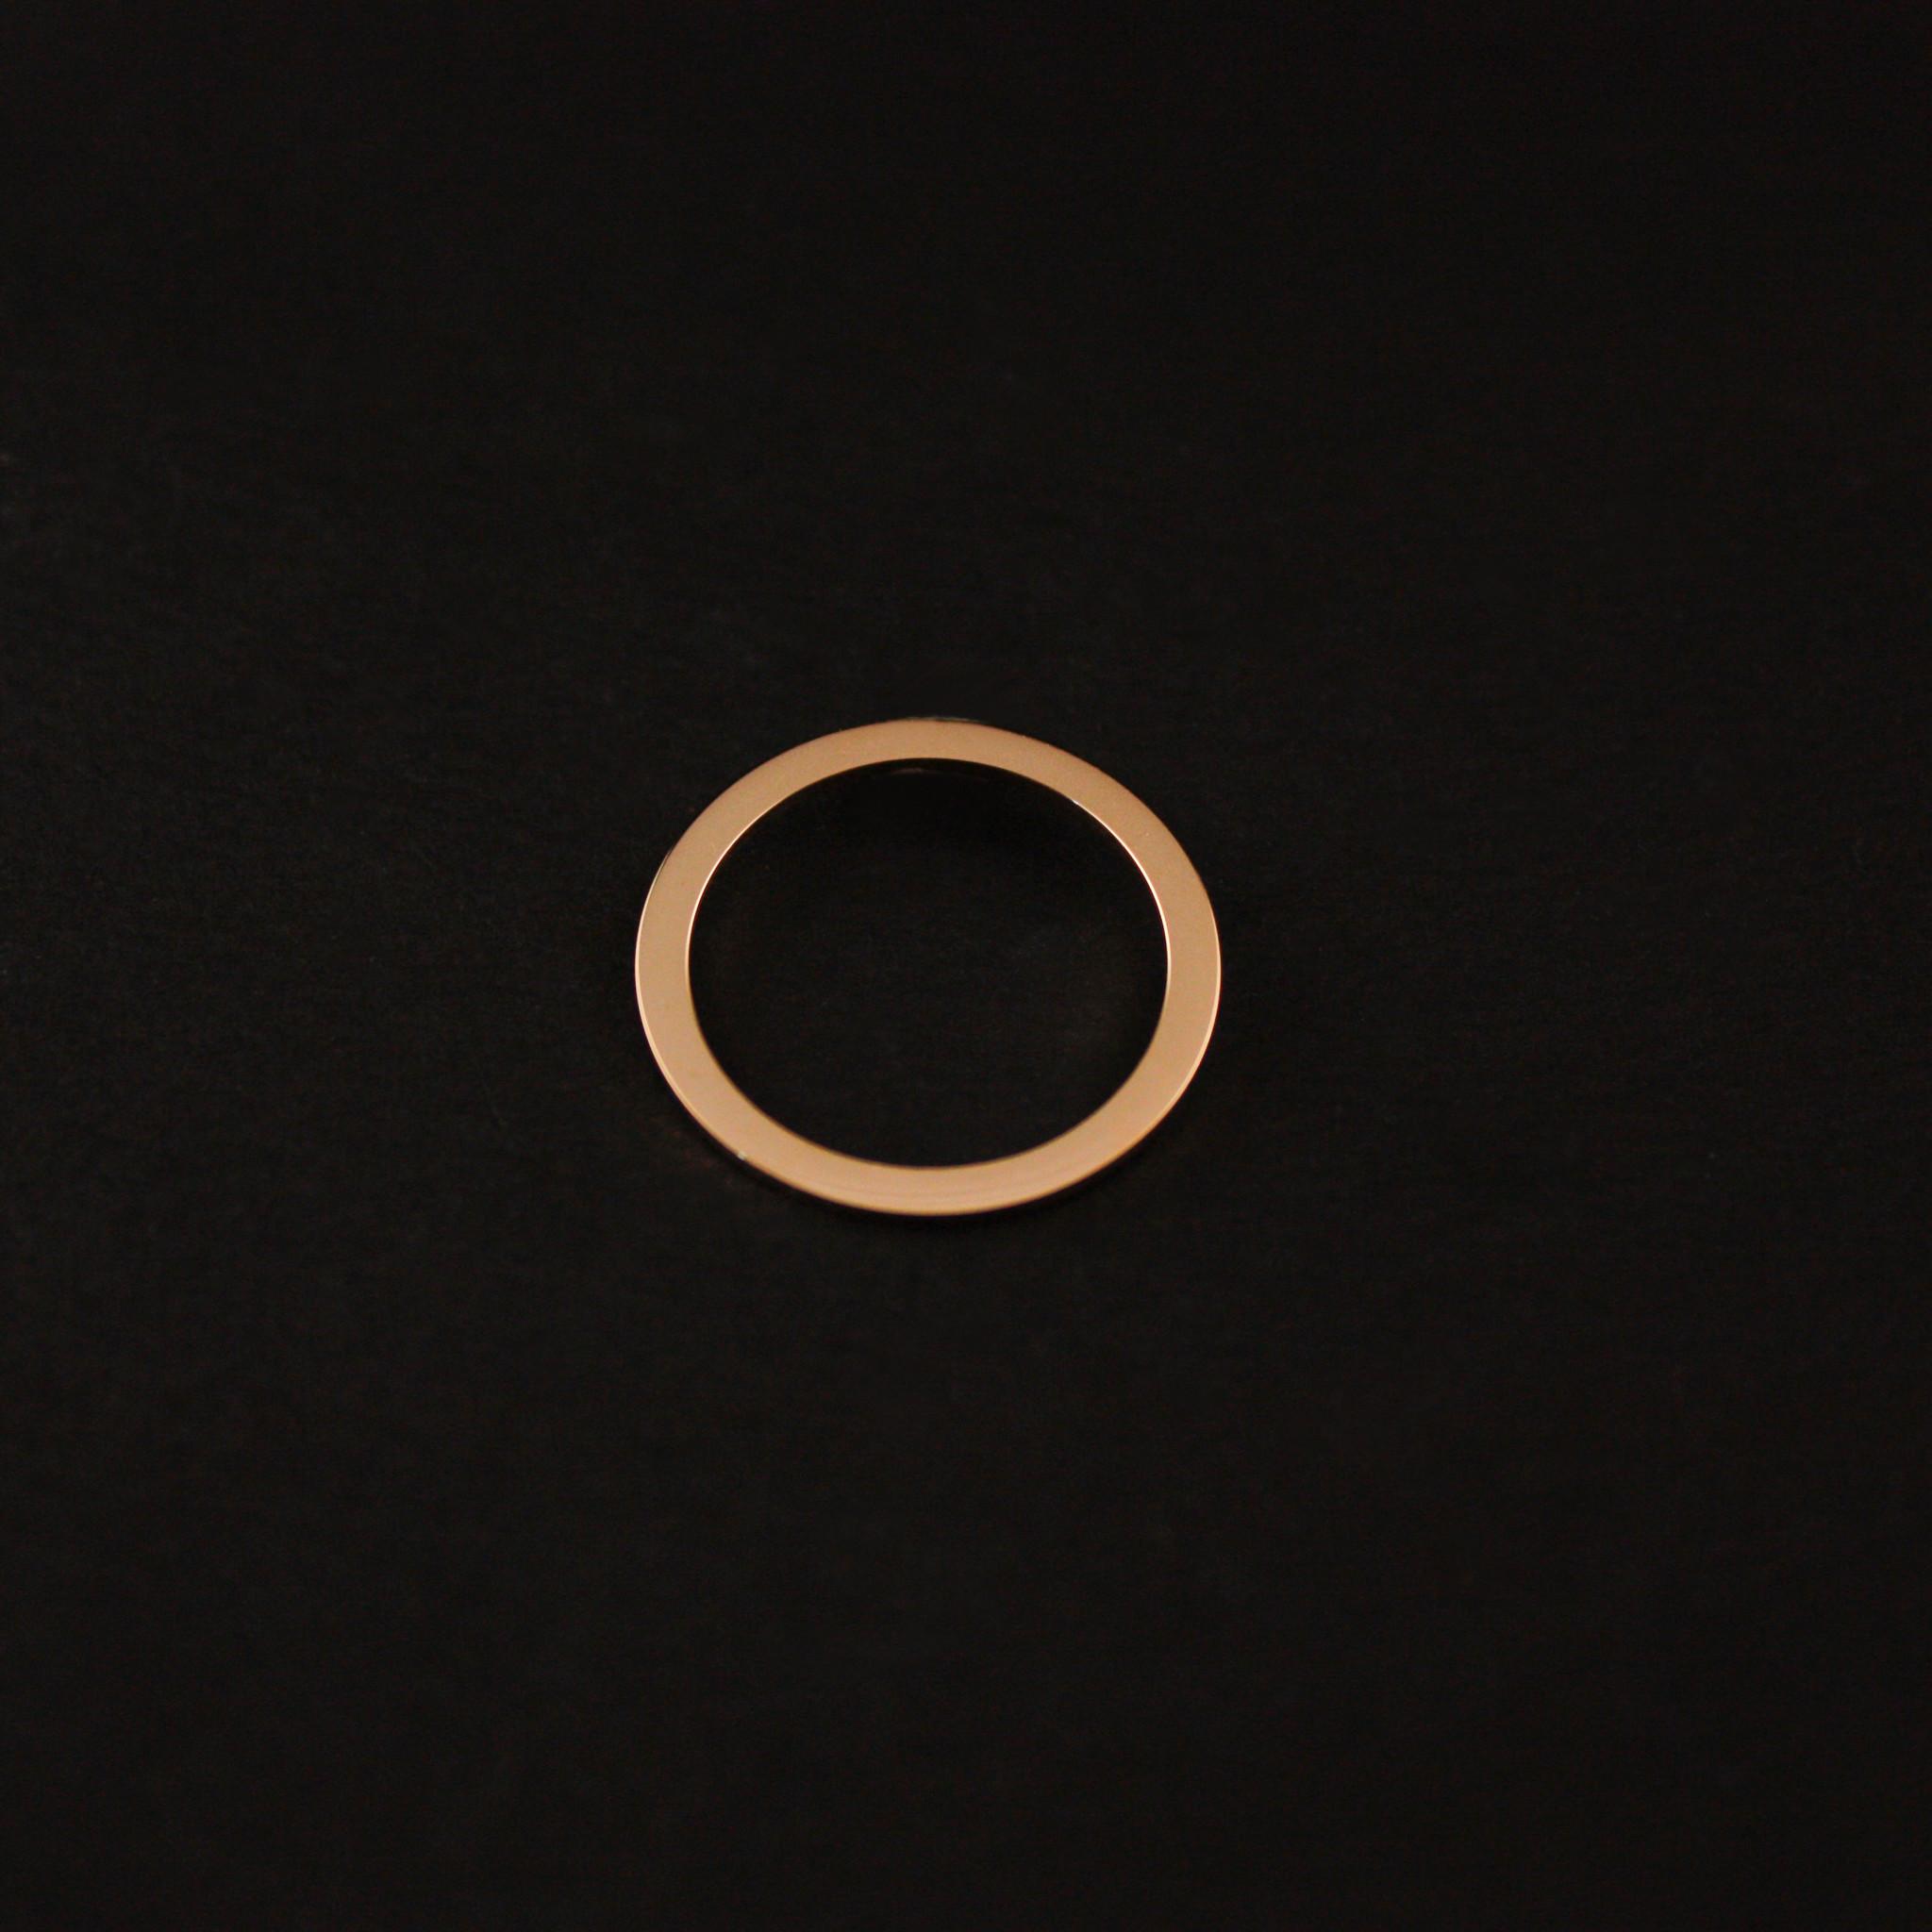 Ring FRESIA, goud-4